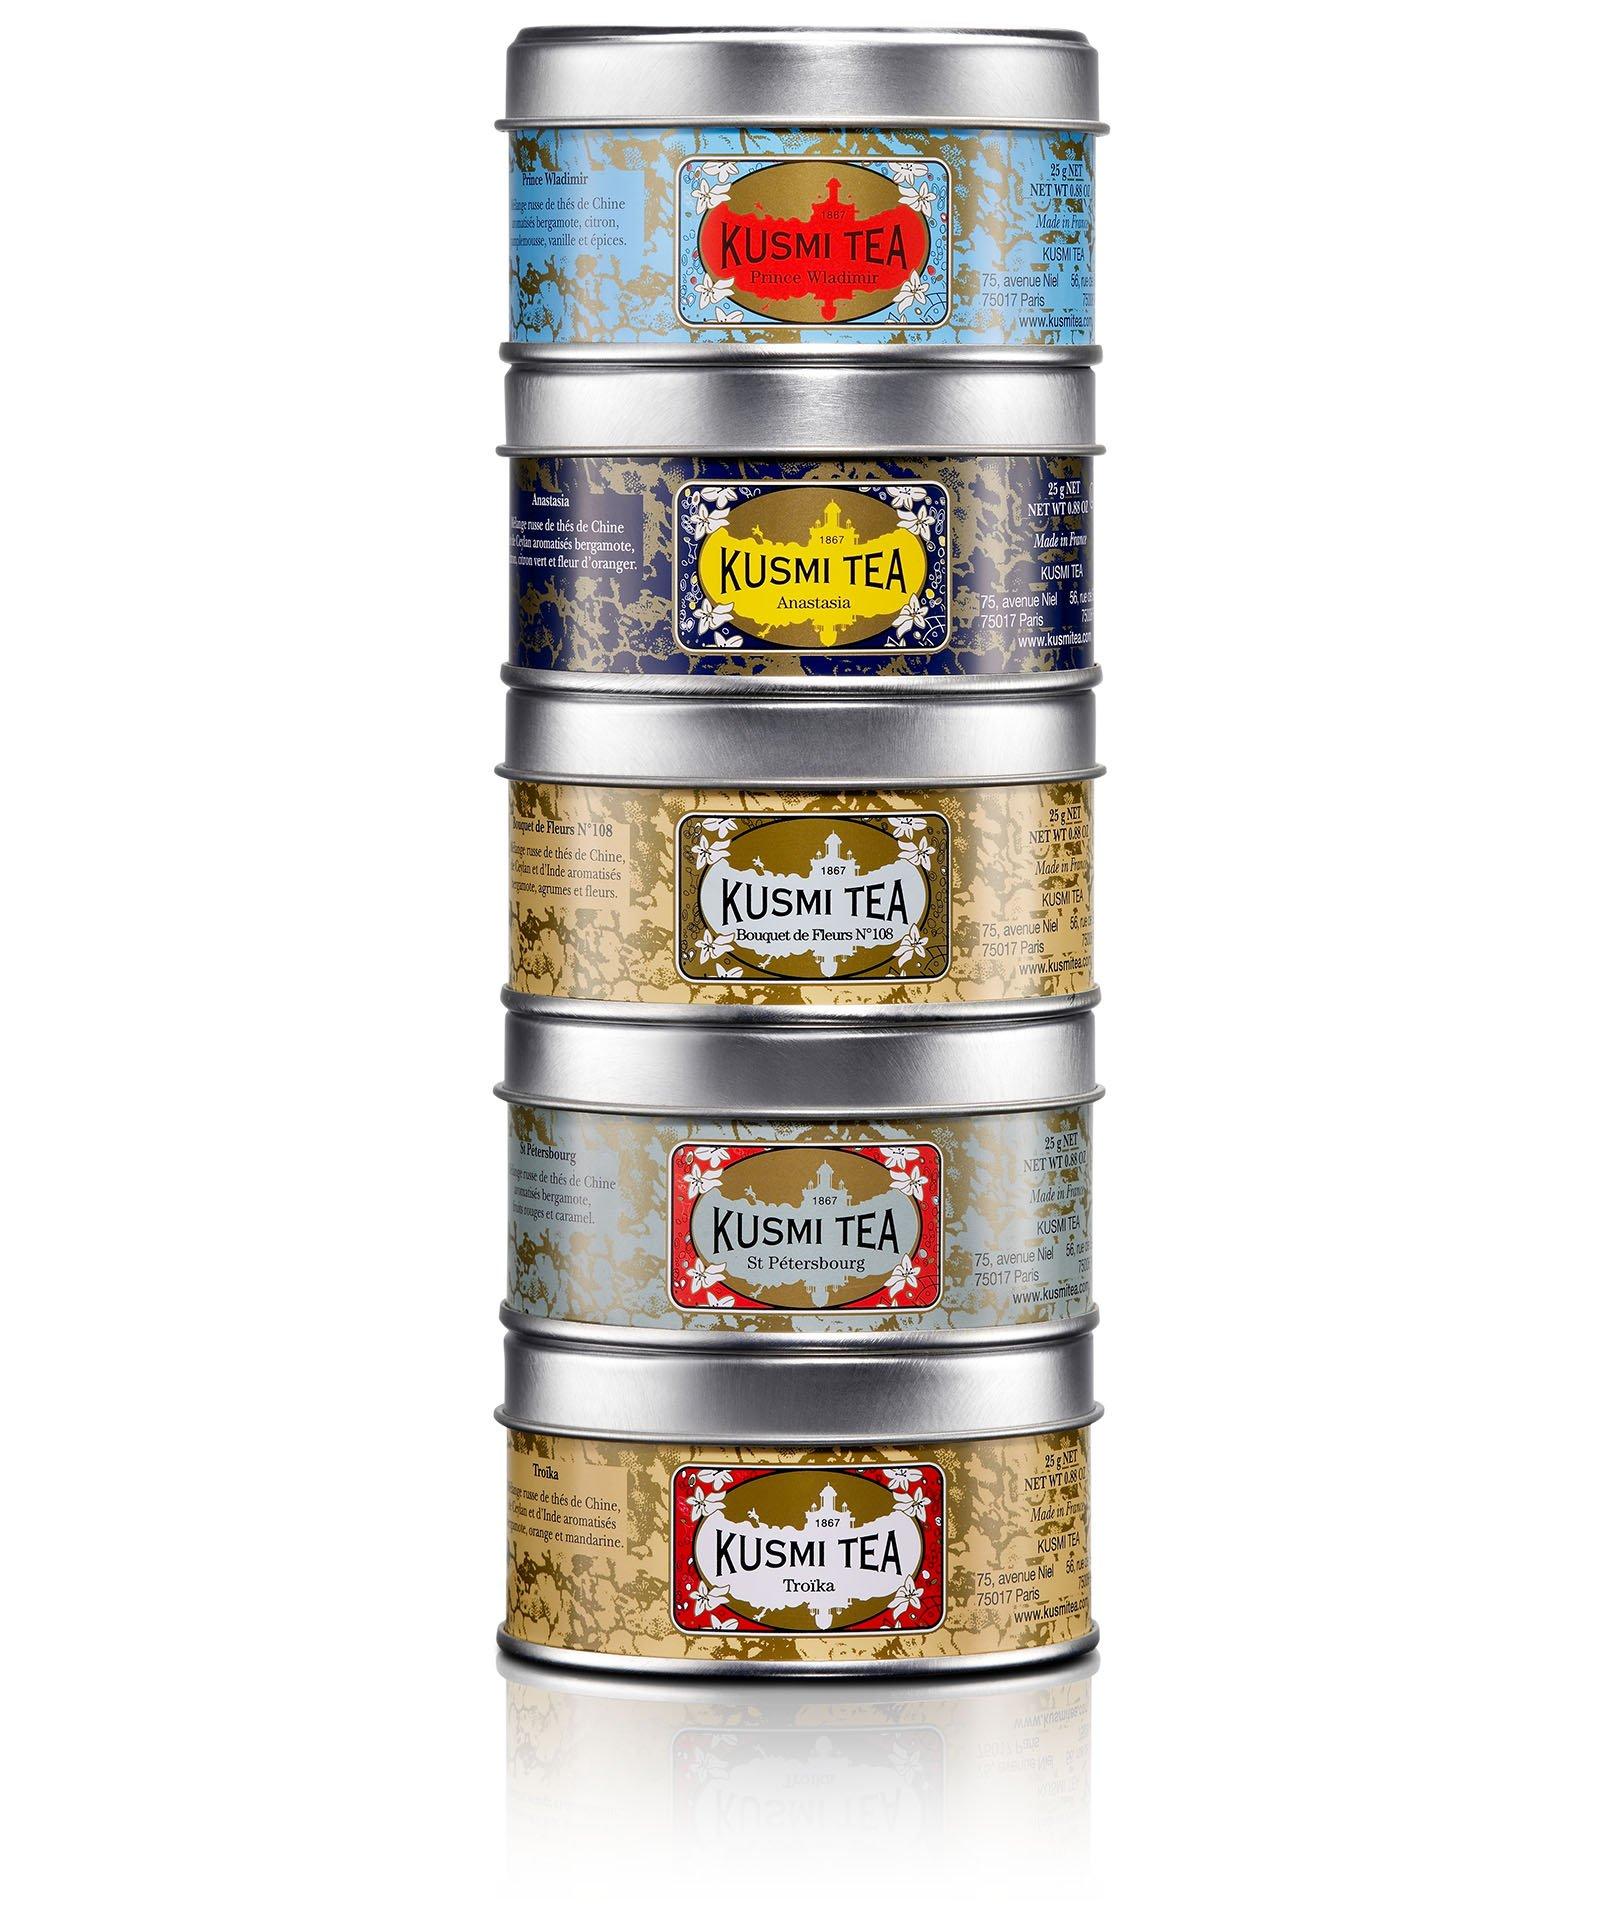 RUSSIAN BLENDS-Kusmi tea ASSORTMENT OF 5 TINS,Net wt 4.40 OZ